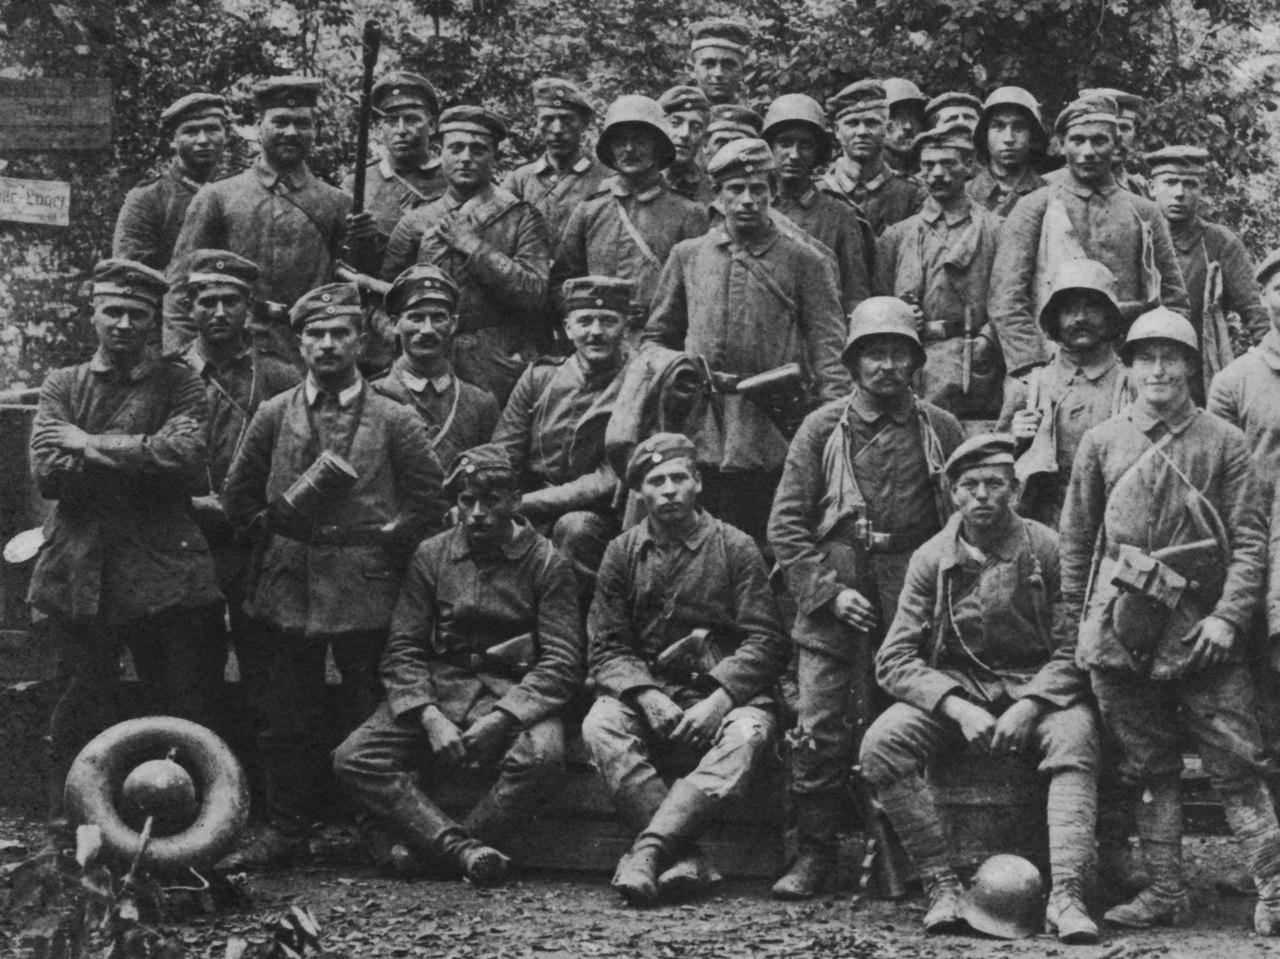 Совместное фото немецких солдат под Капоретто (Италия), 1 ноября 1917г. У одного из солдат трофейный итальянский шлем Адриана, в левом углу- бак от огнемета.